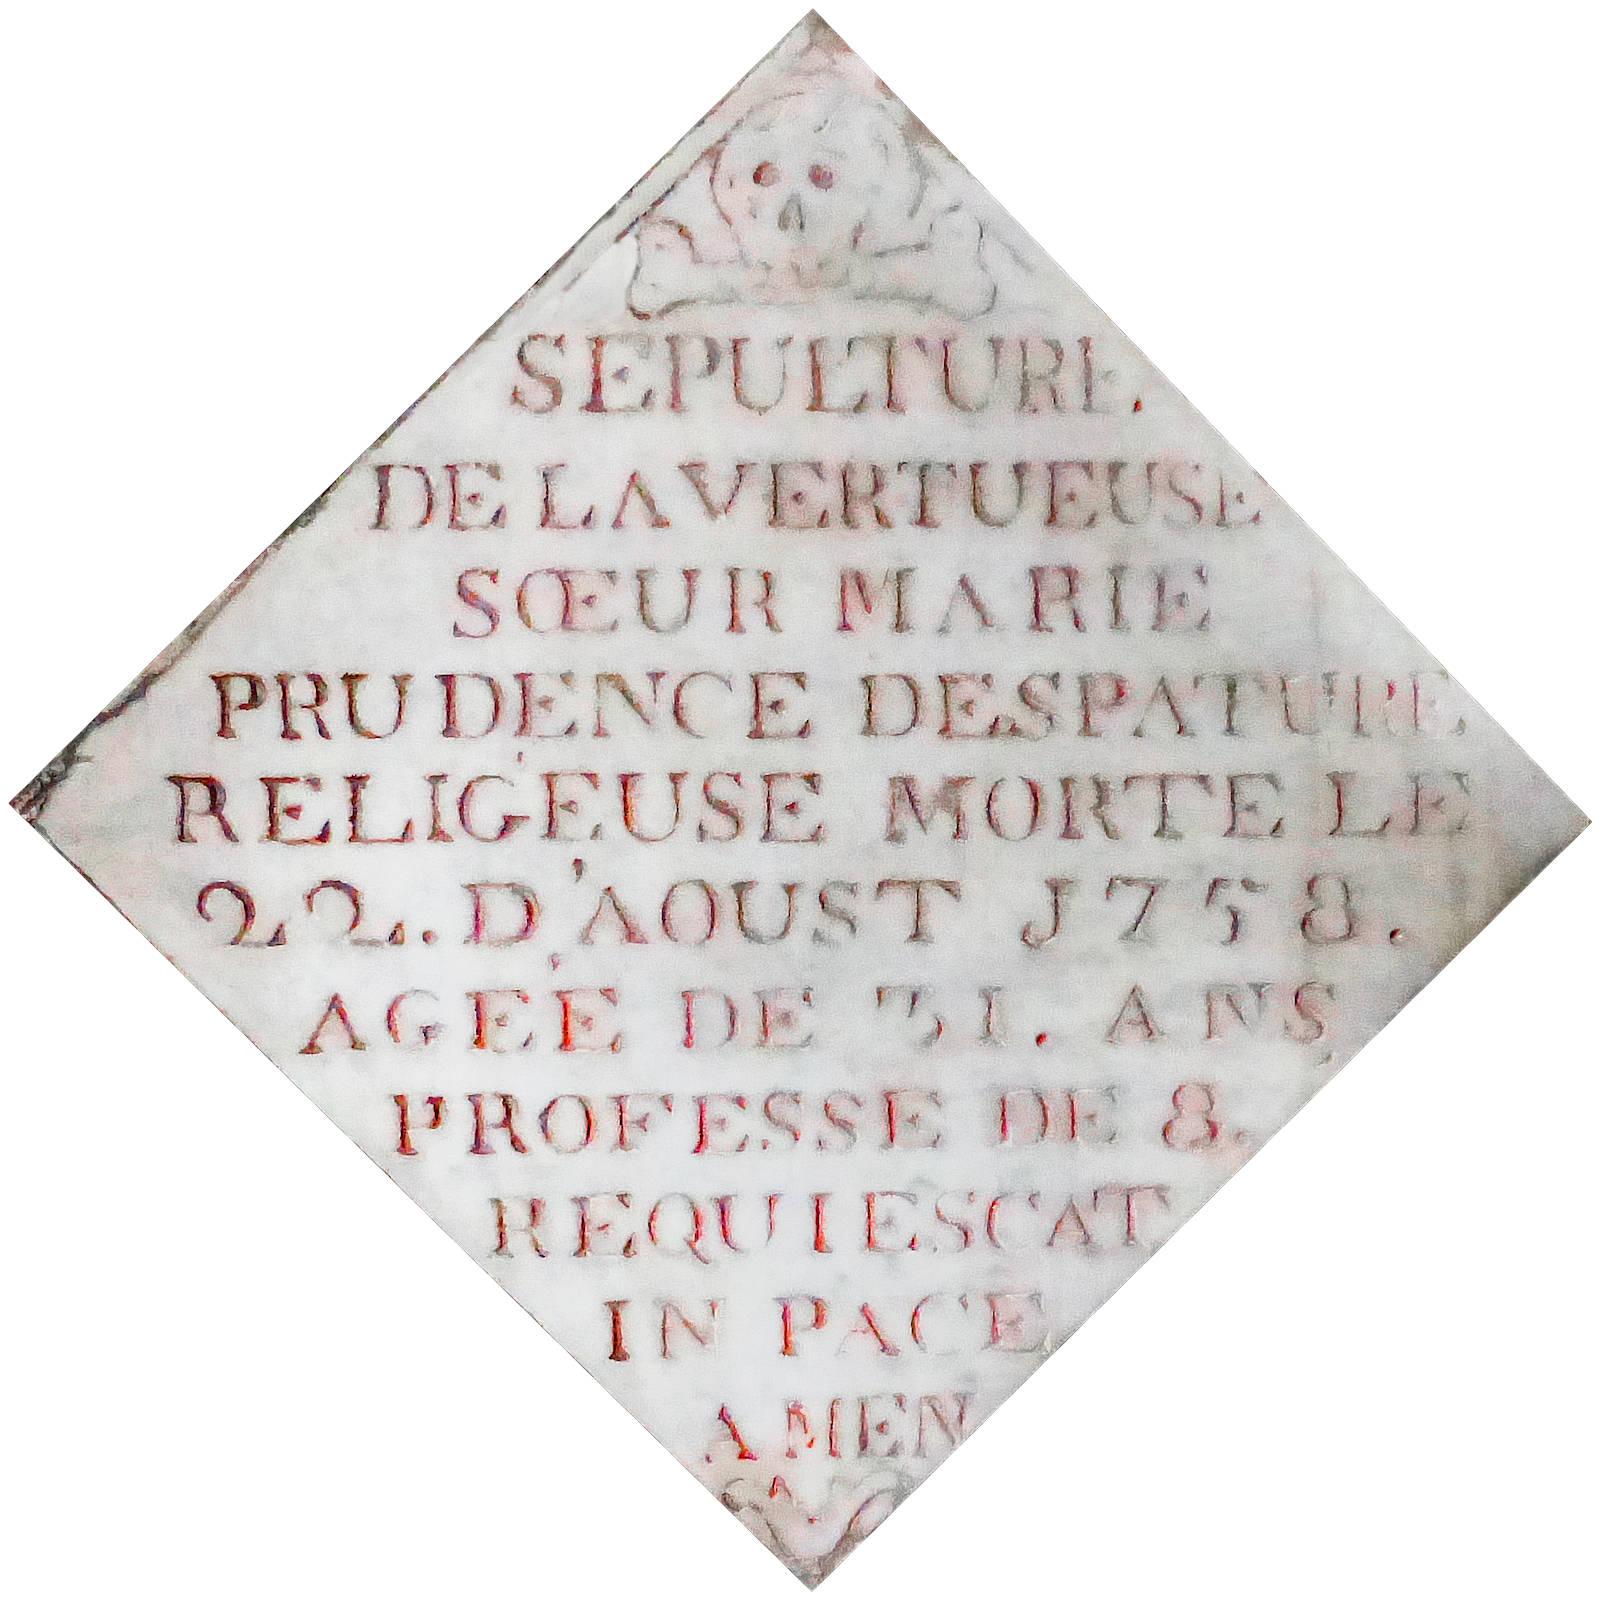 Carrelage Mortuaire Soeur Marie Prudence Despature